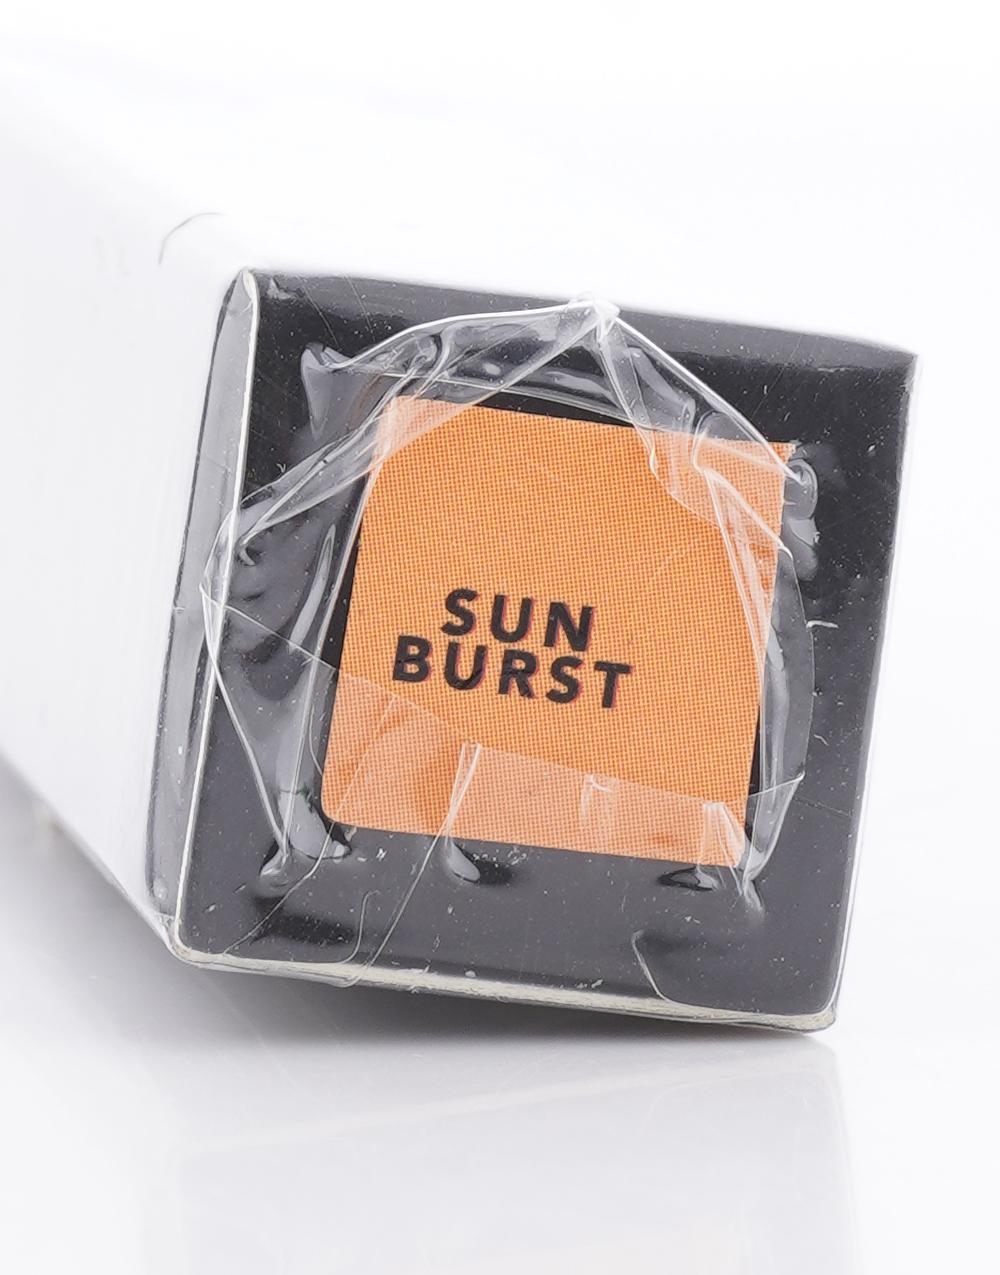 Lip Enhancer by FS Features & Shades | Sunburst